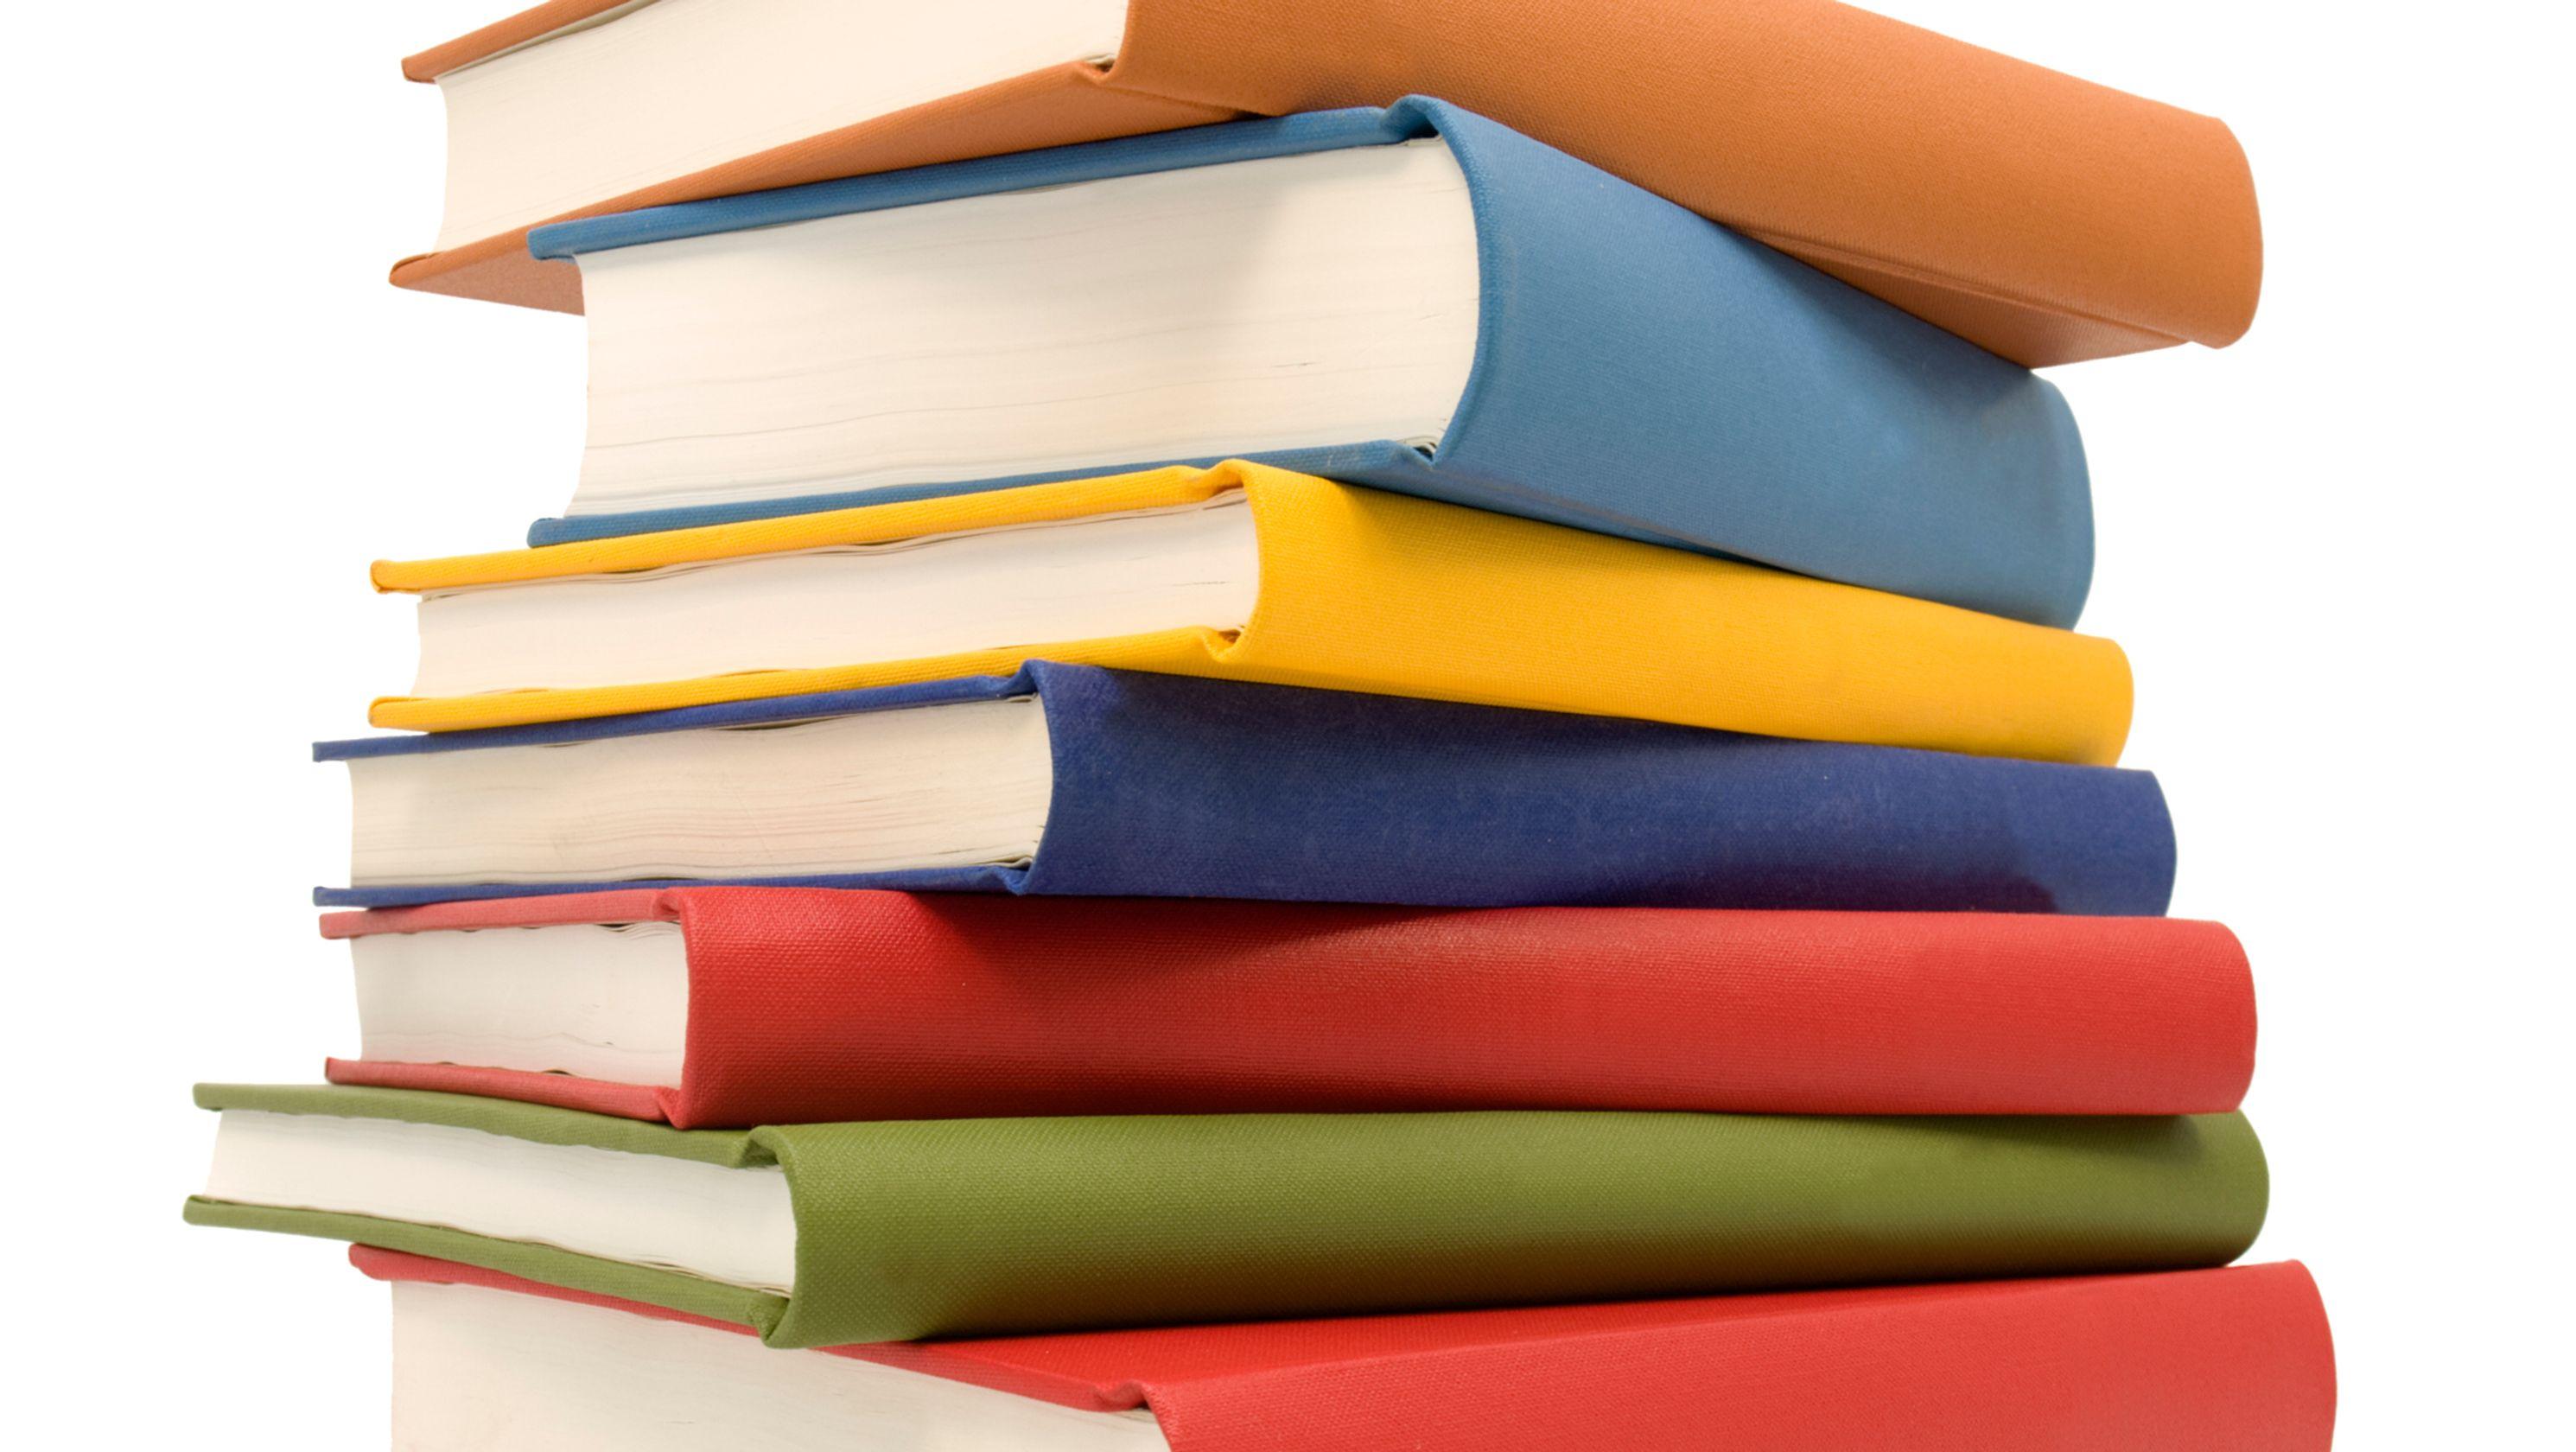 Bildergebnis für Books